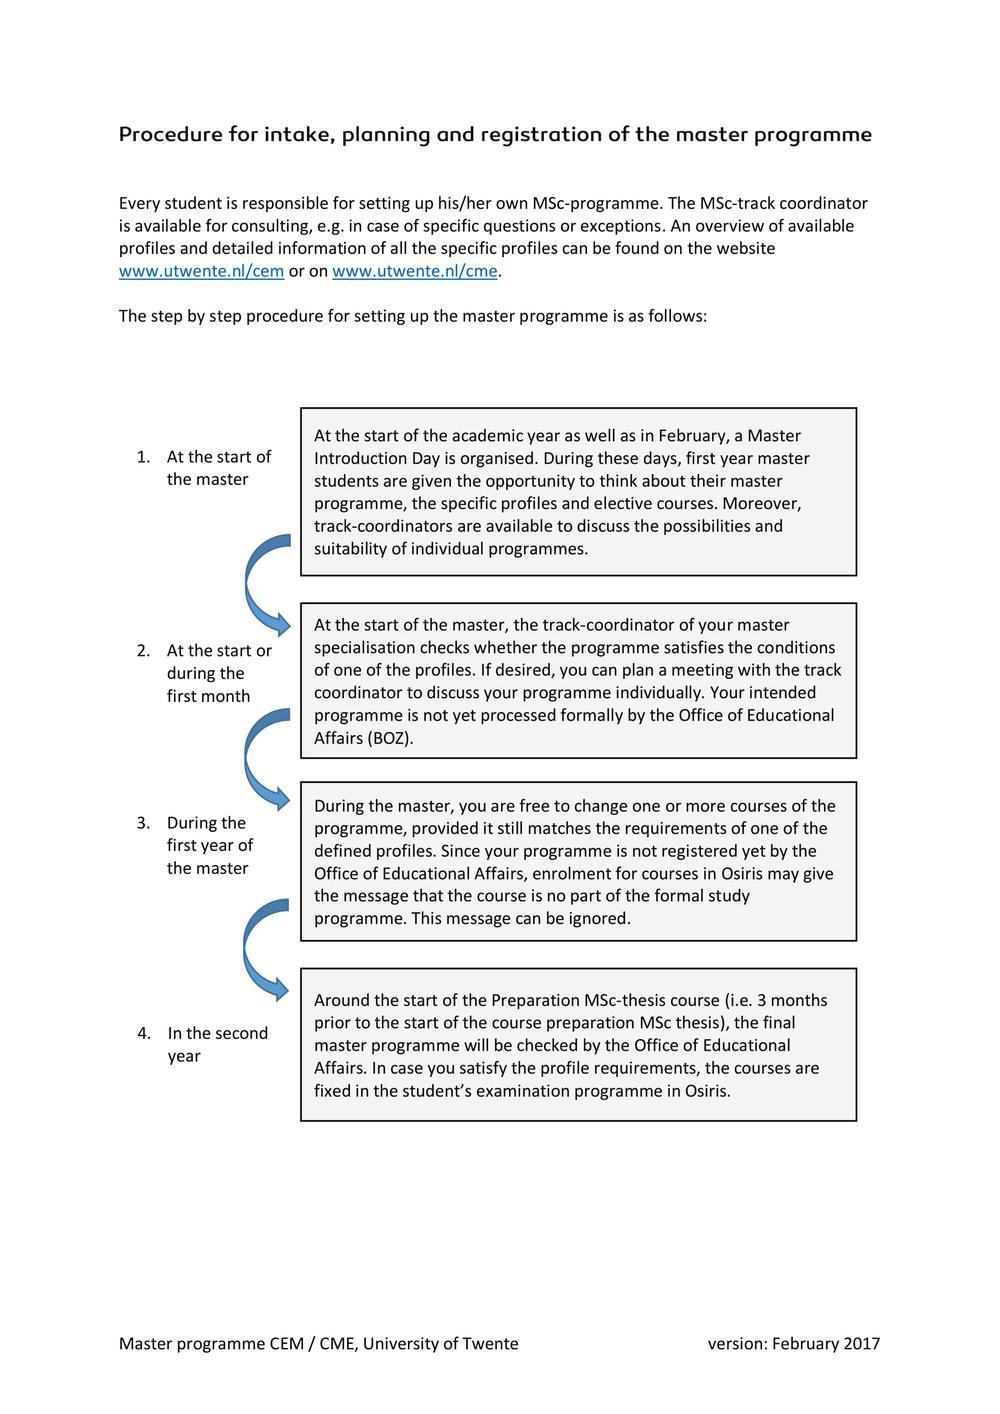 procedure-for-intake-planning-registration-master-programme-cem-cme-v20160815-1.jpg